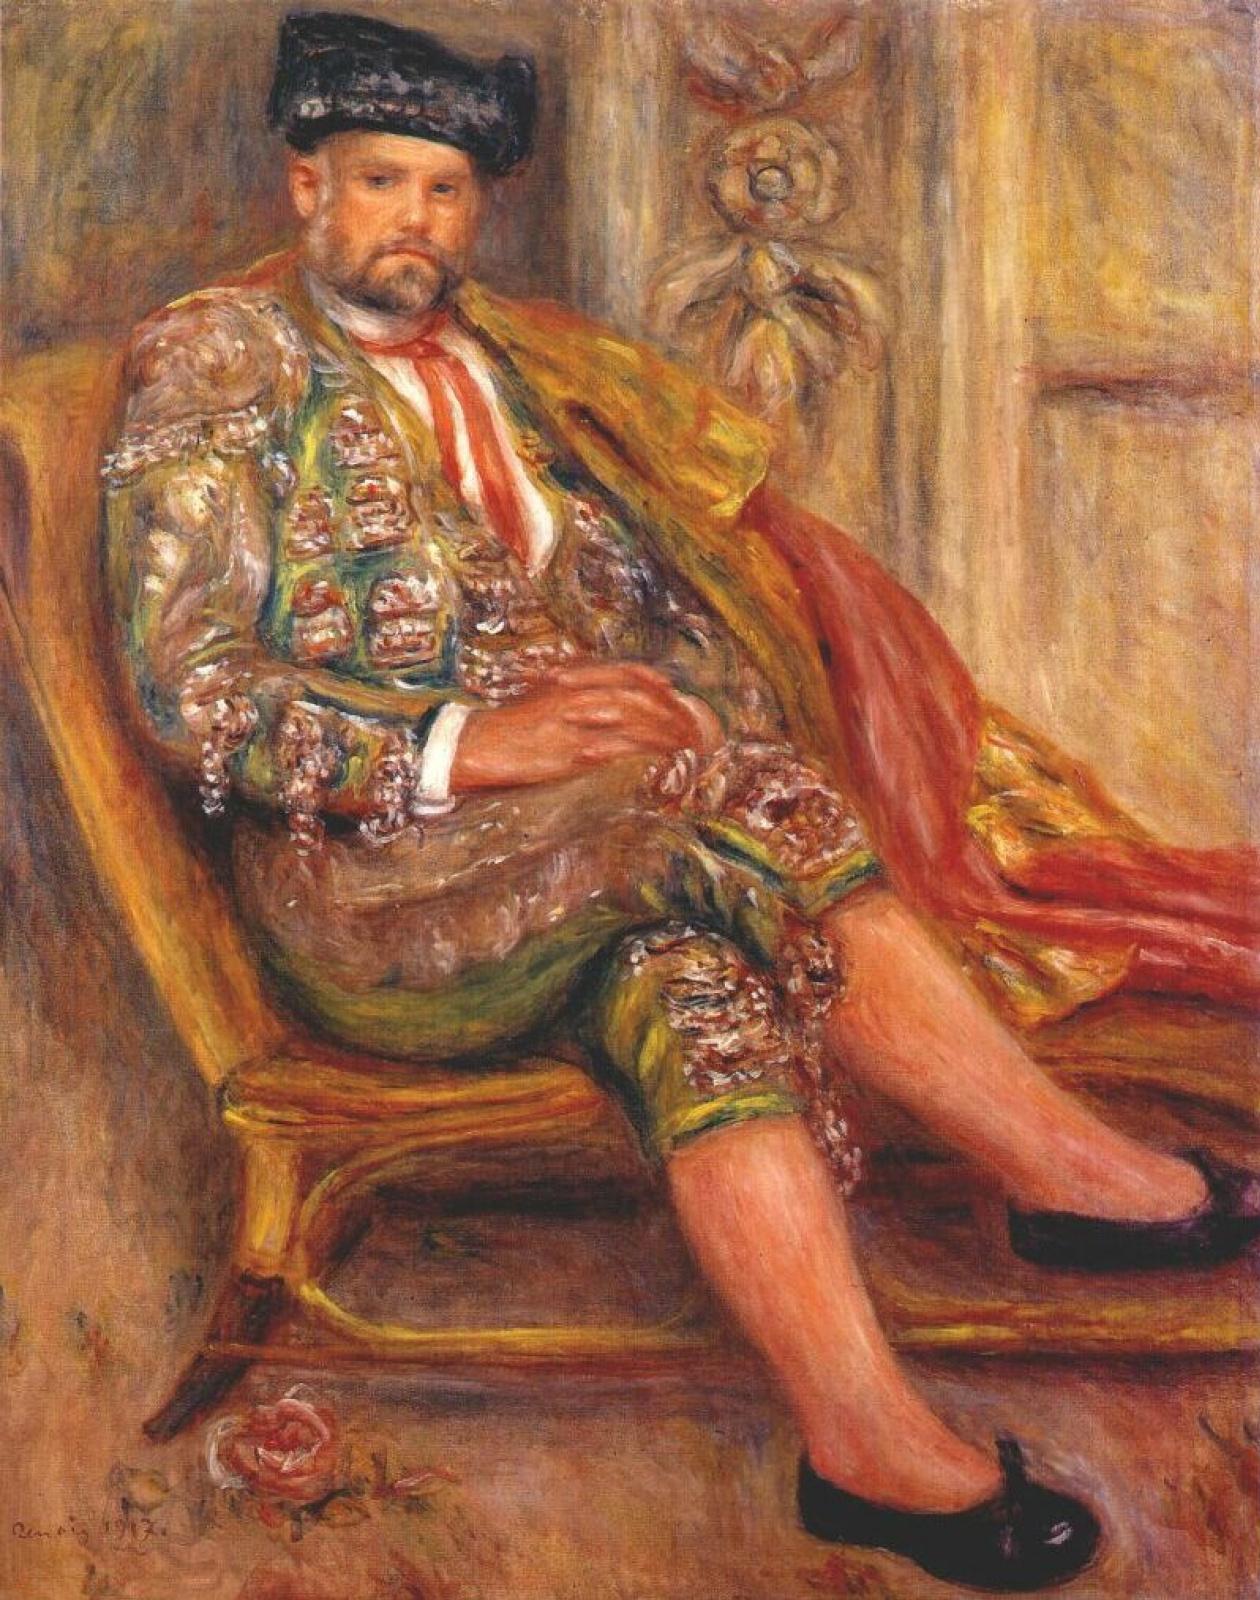 Pierre-Auguste Renoir. Ambroise Vollard dressed as a Toreador